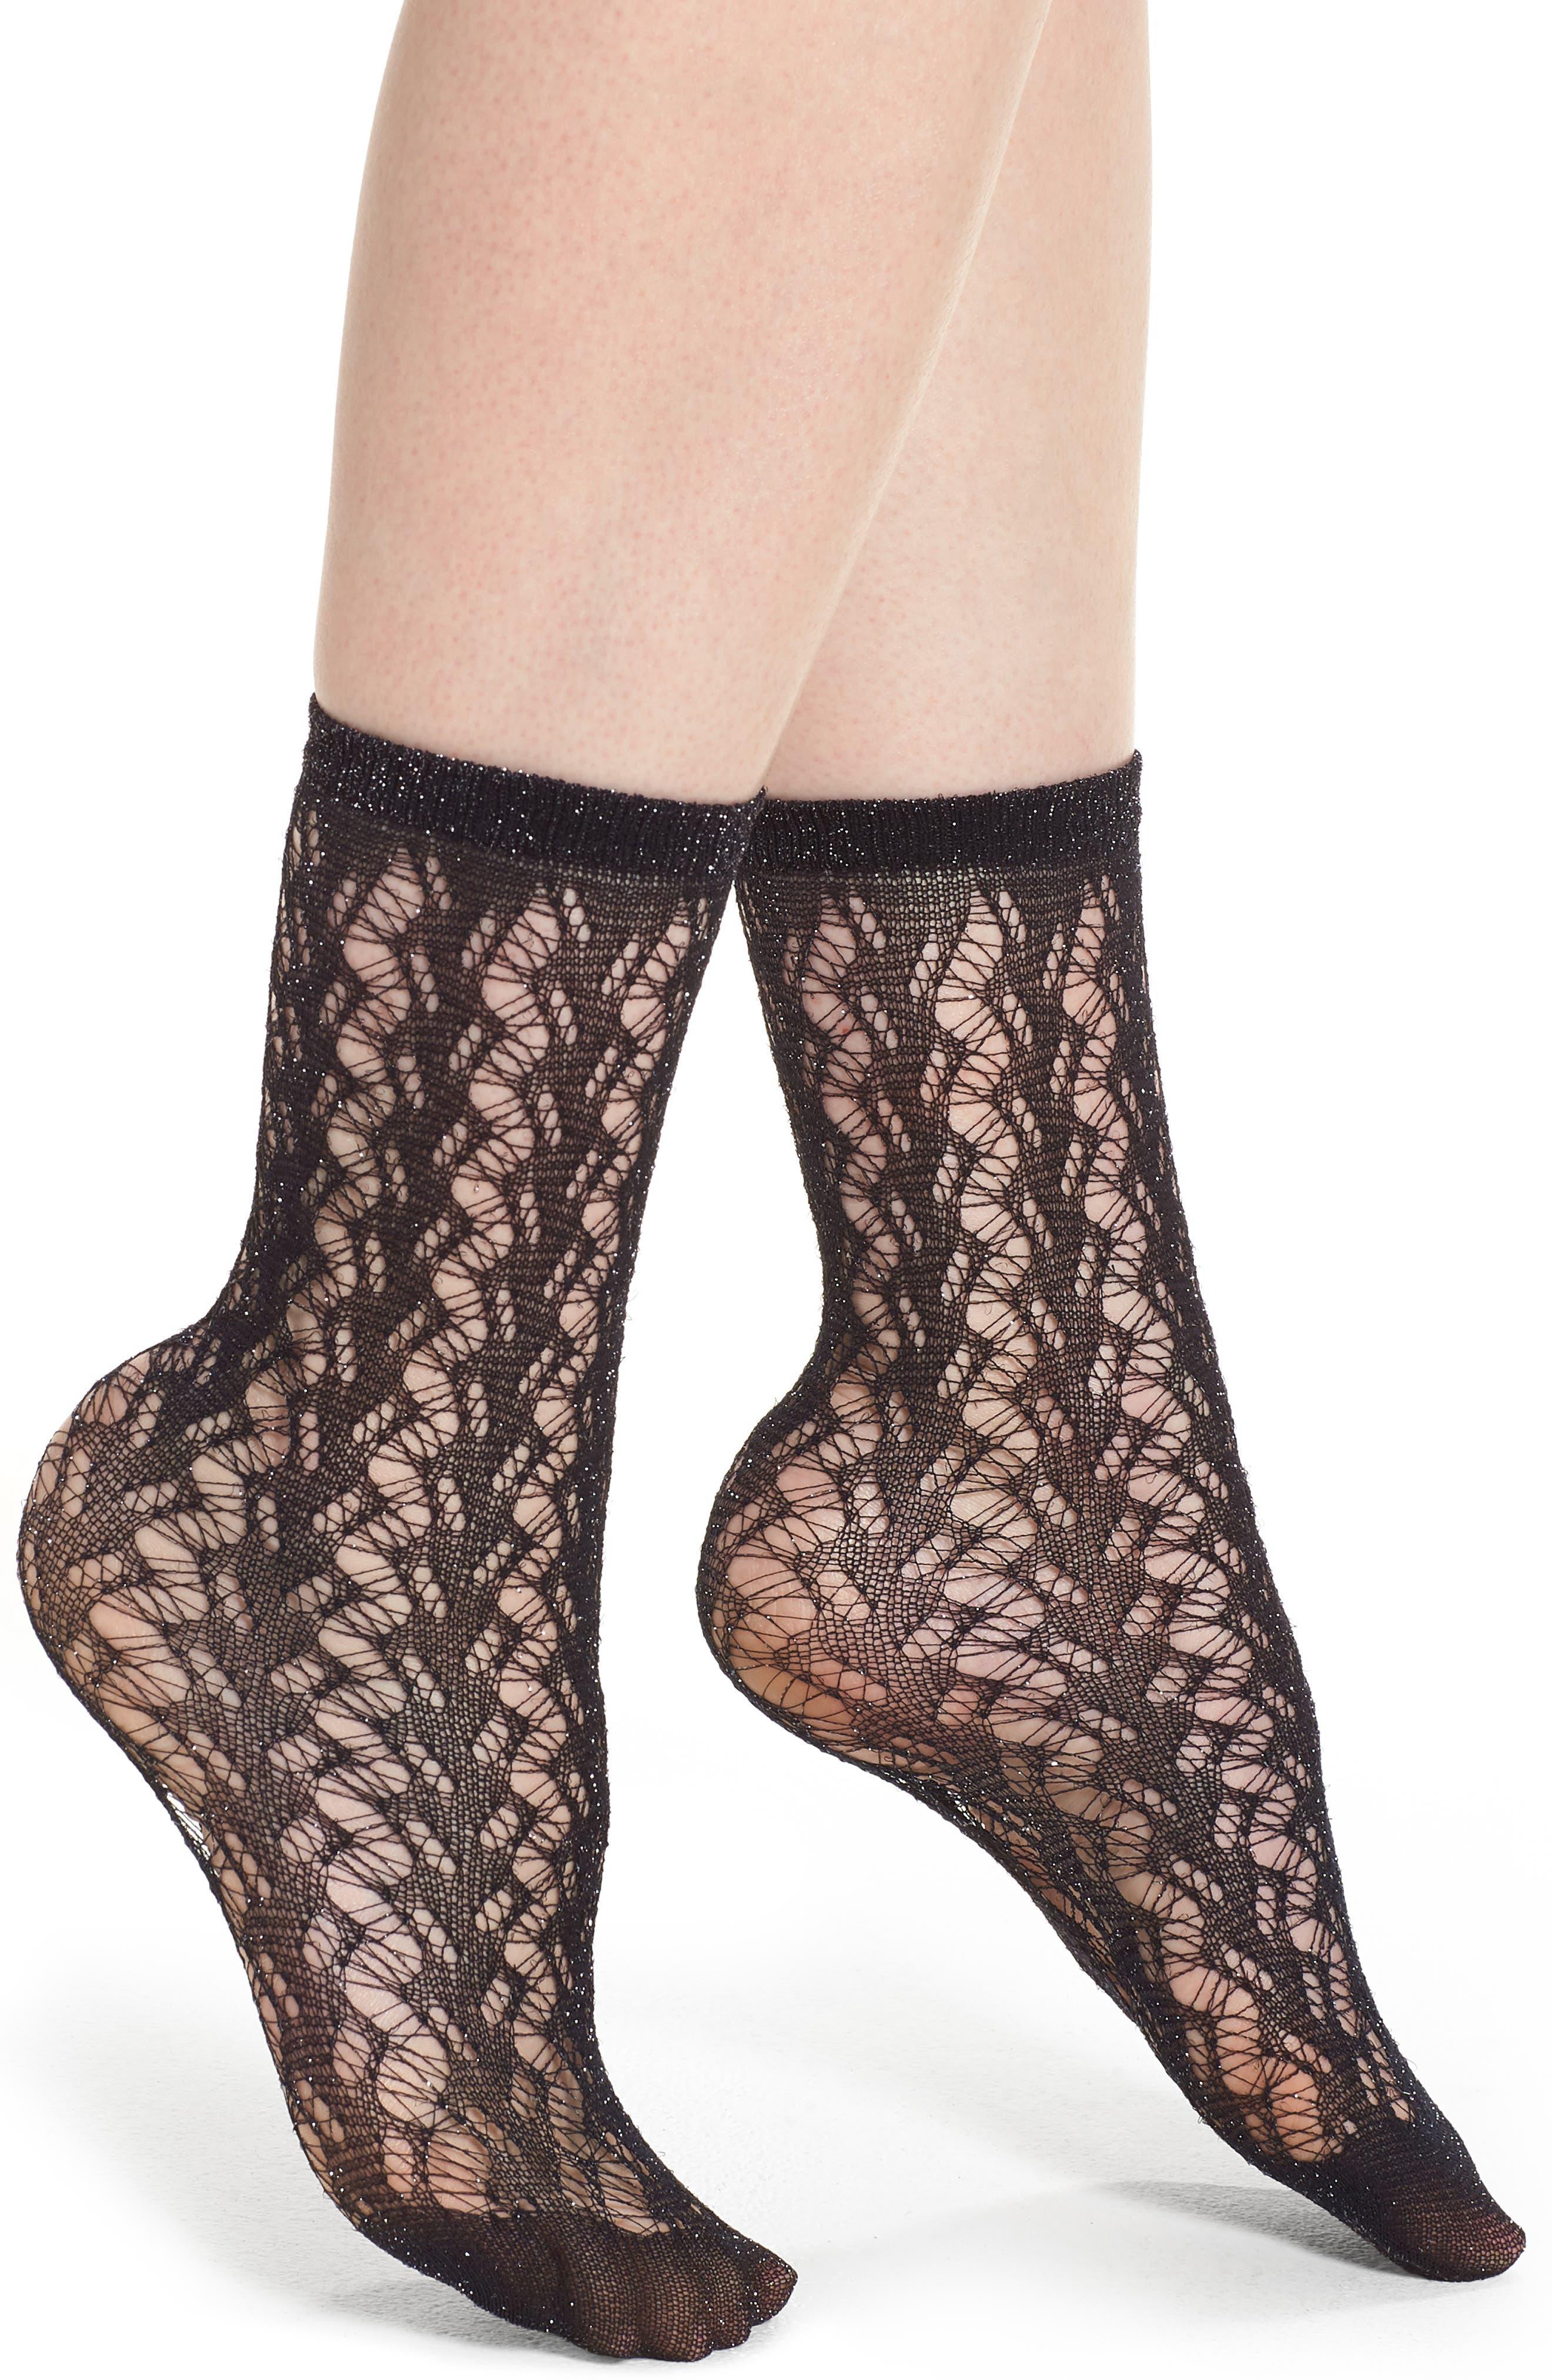 Calzino Glitter Fishnet Trouser Socks,                         Main,                         color, 001